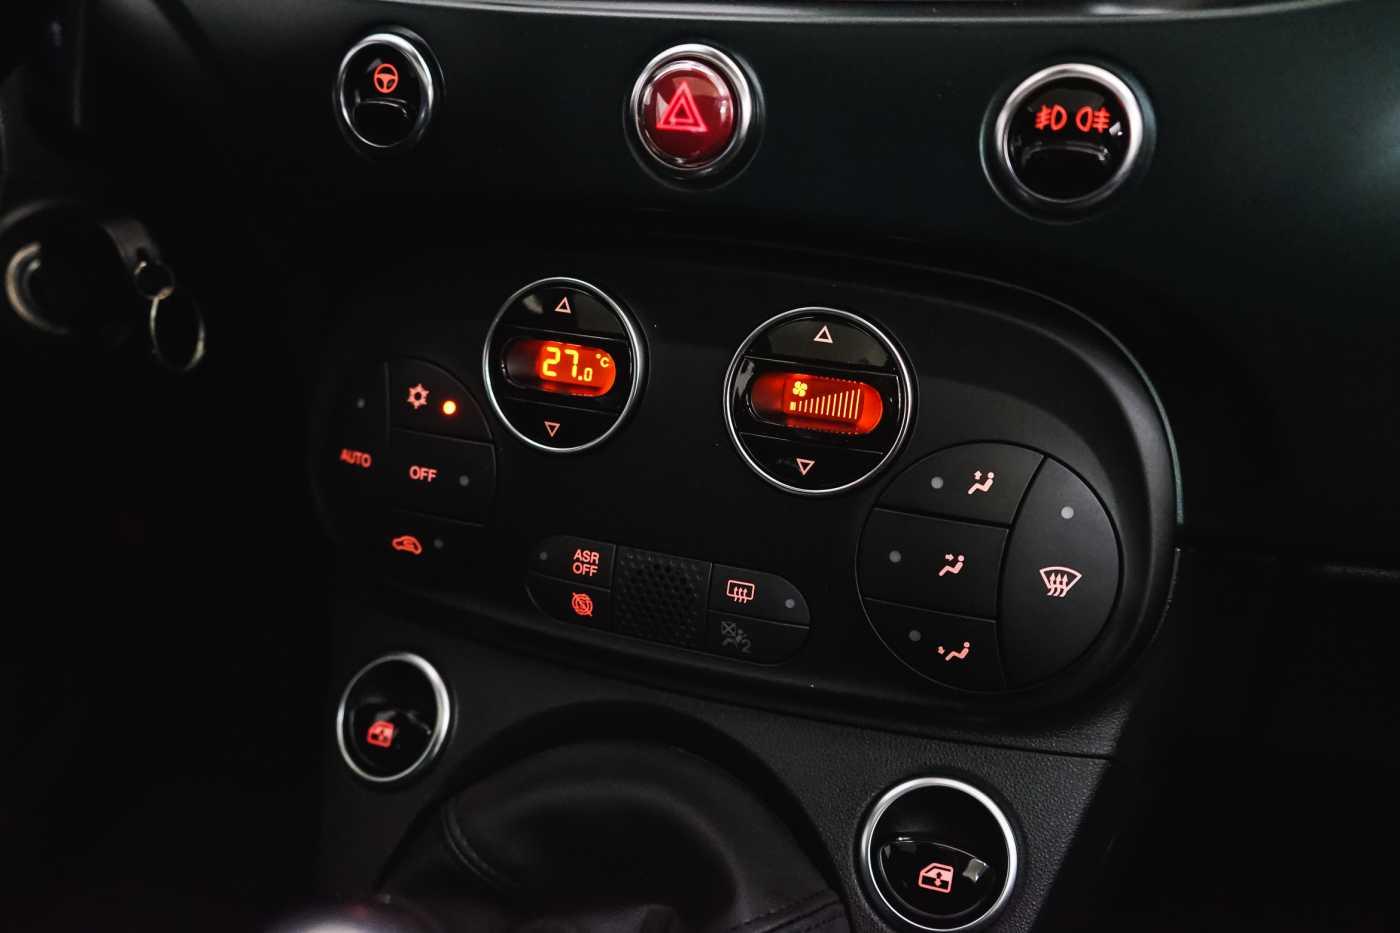 Fiat 500 1.2i Rockstar (EU6d-TEMP) 14/29